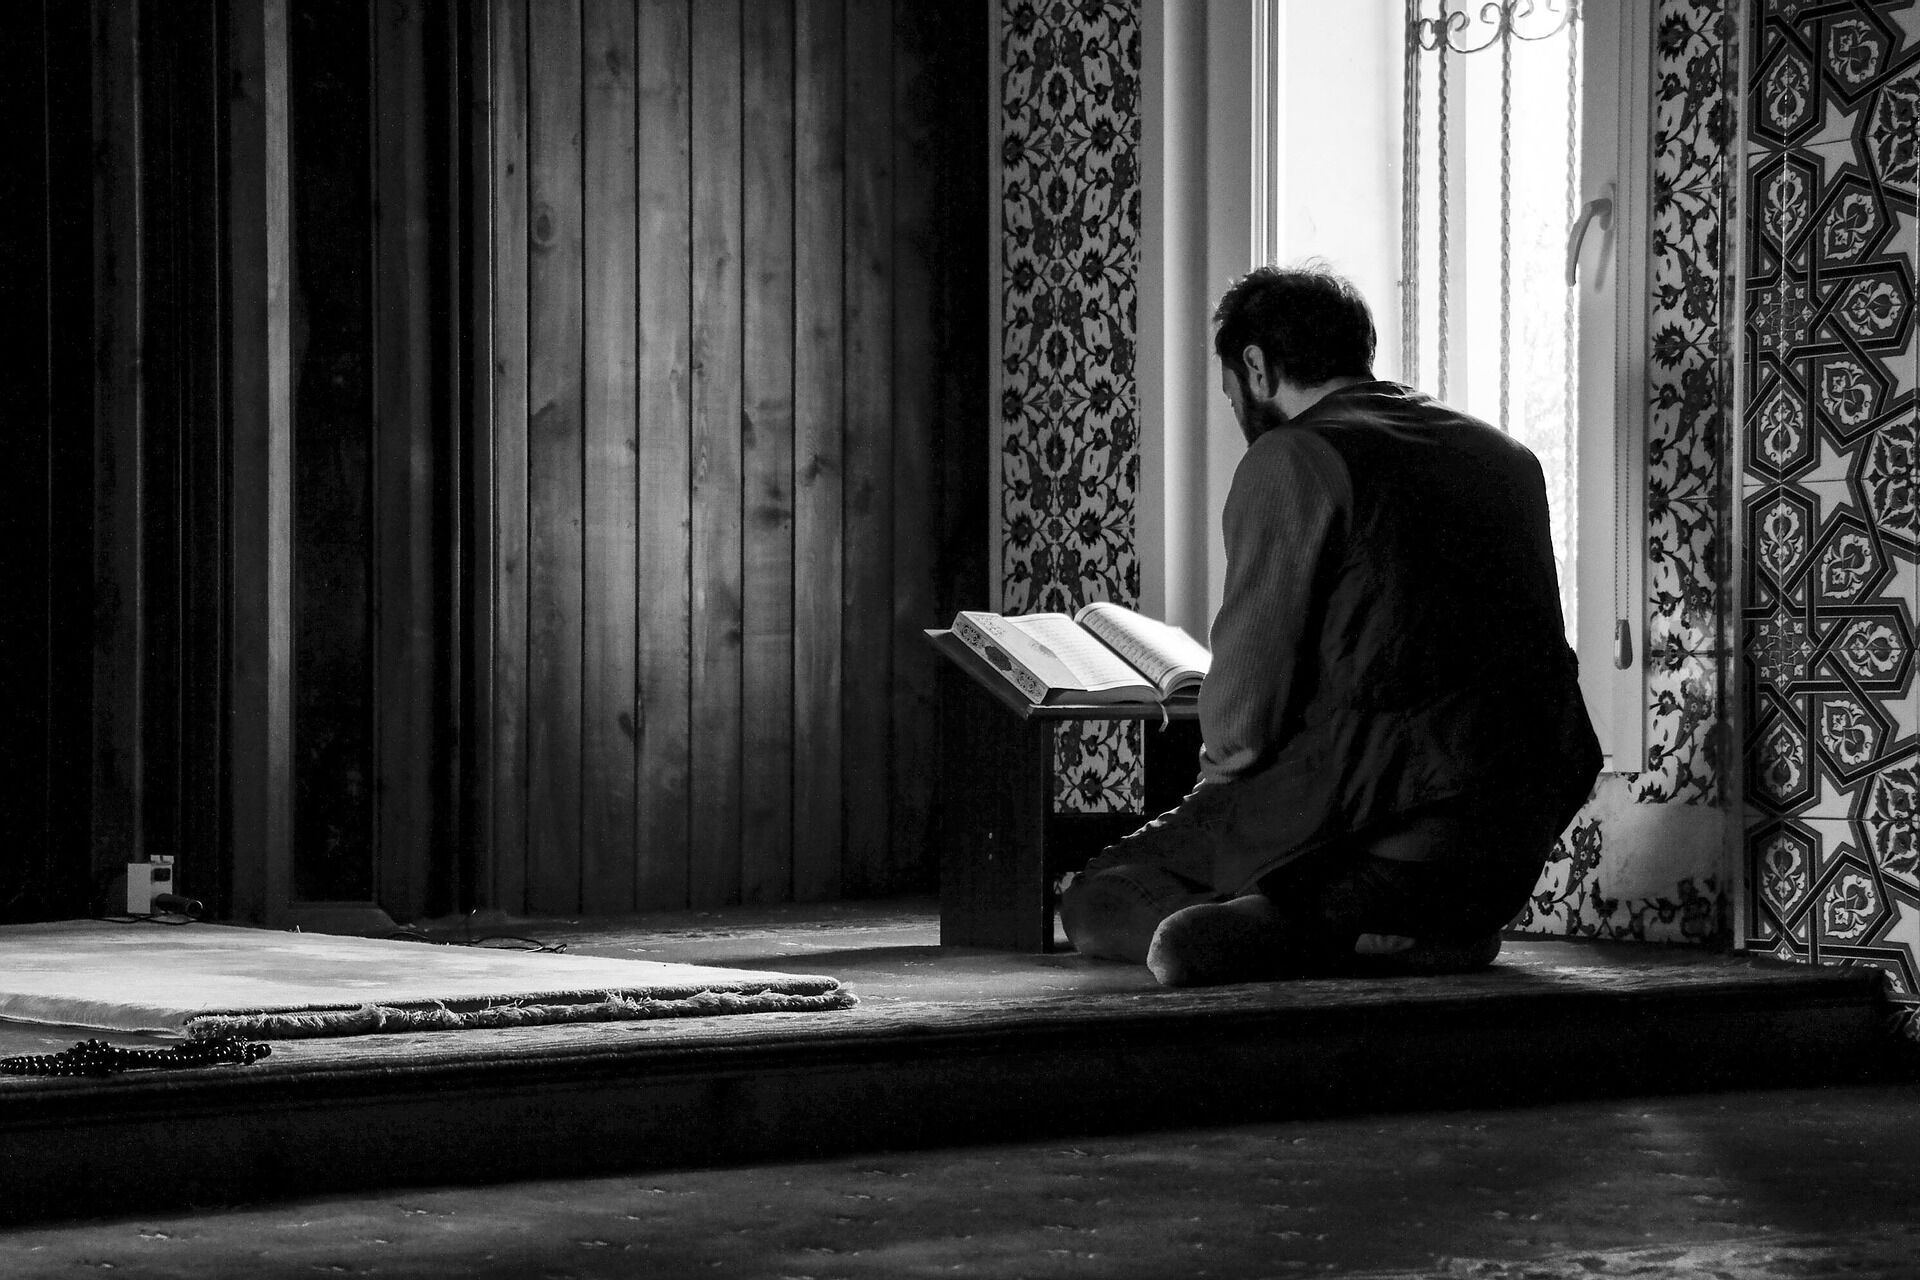 Ежедневные намазы важны для каждого правоверного мусульманина